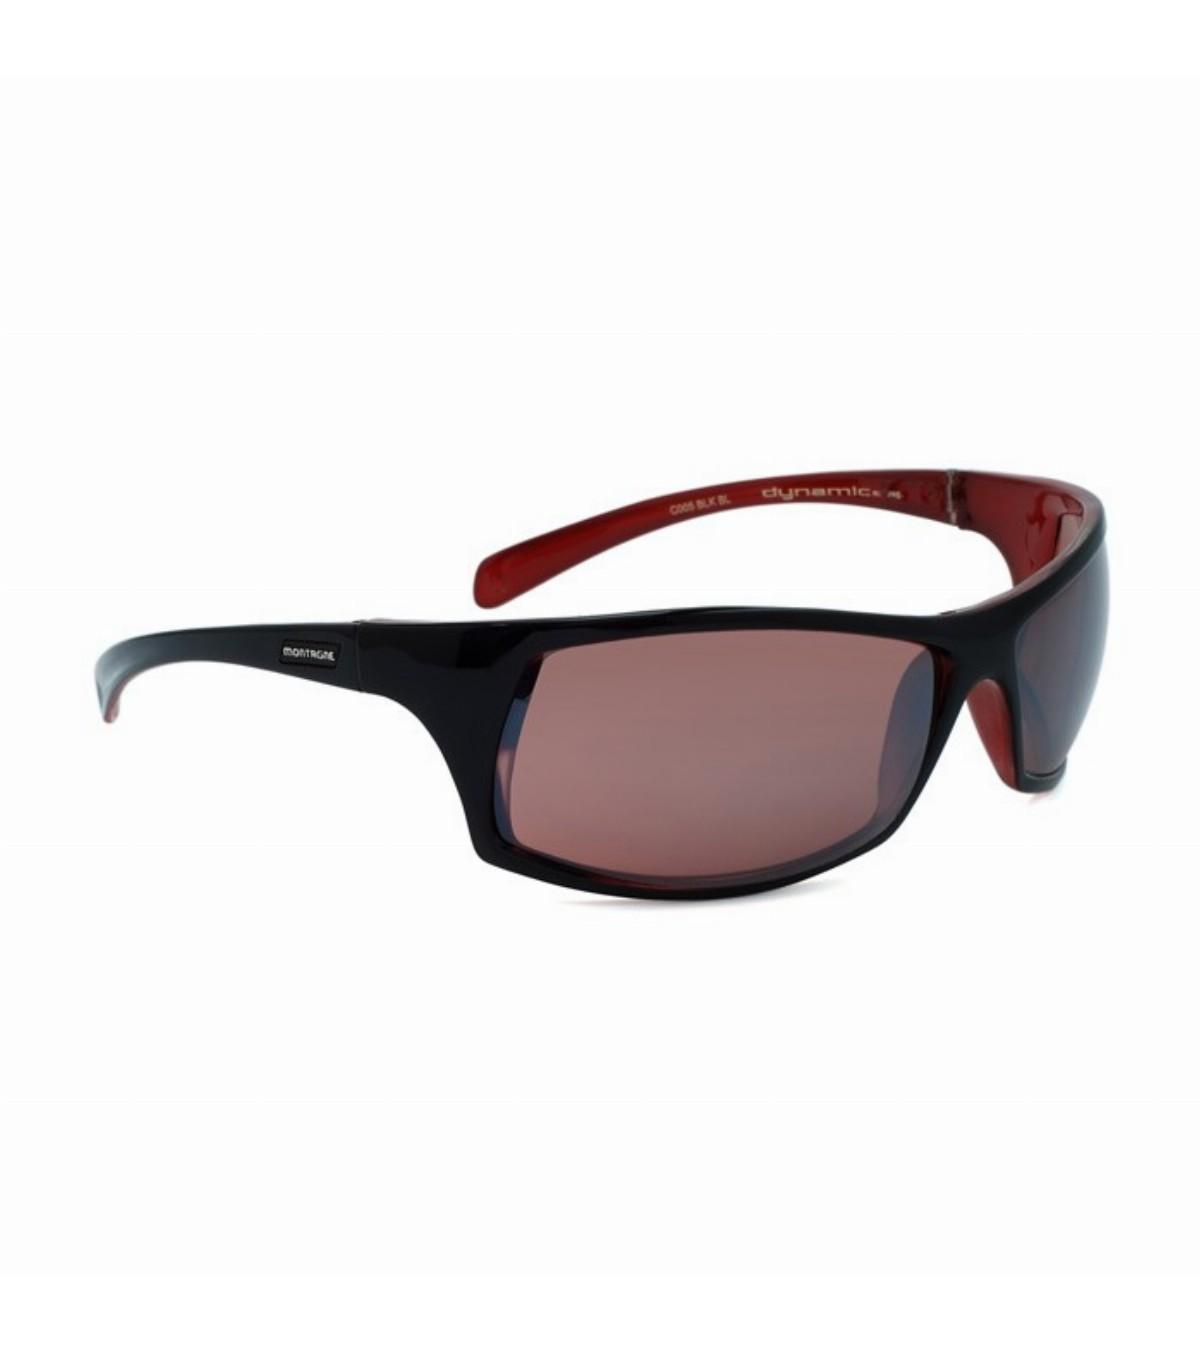 166d201b0f Montagne: gafas sol, anteojos para sol, gafas de sol, anteojos para ...